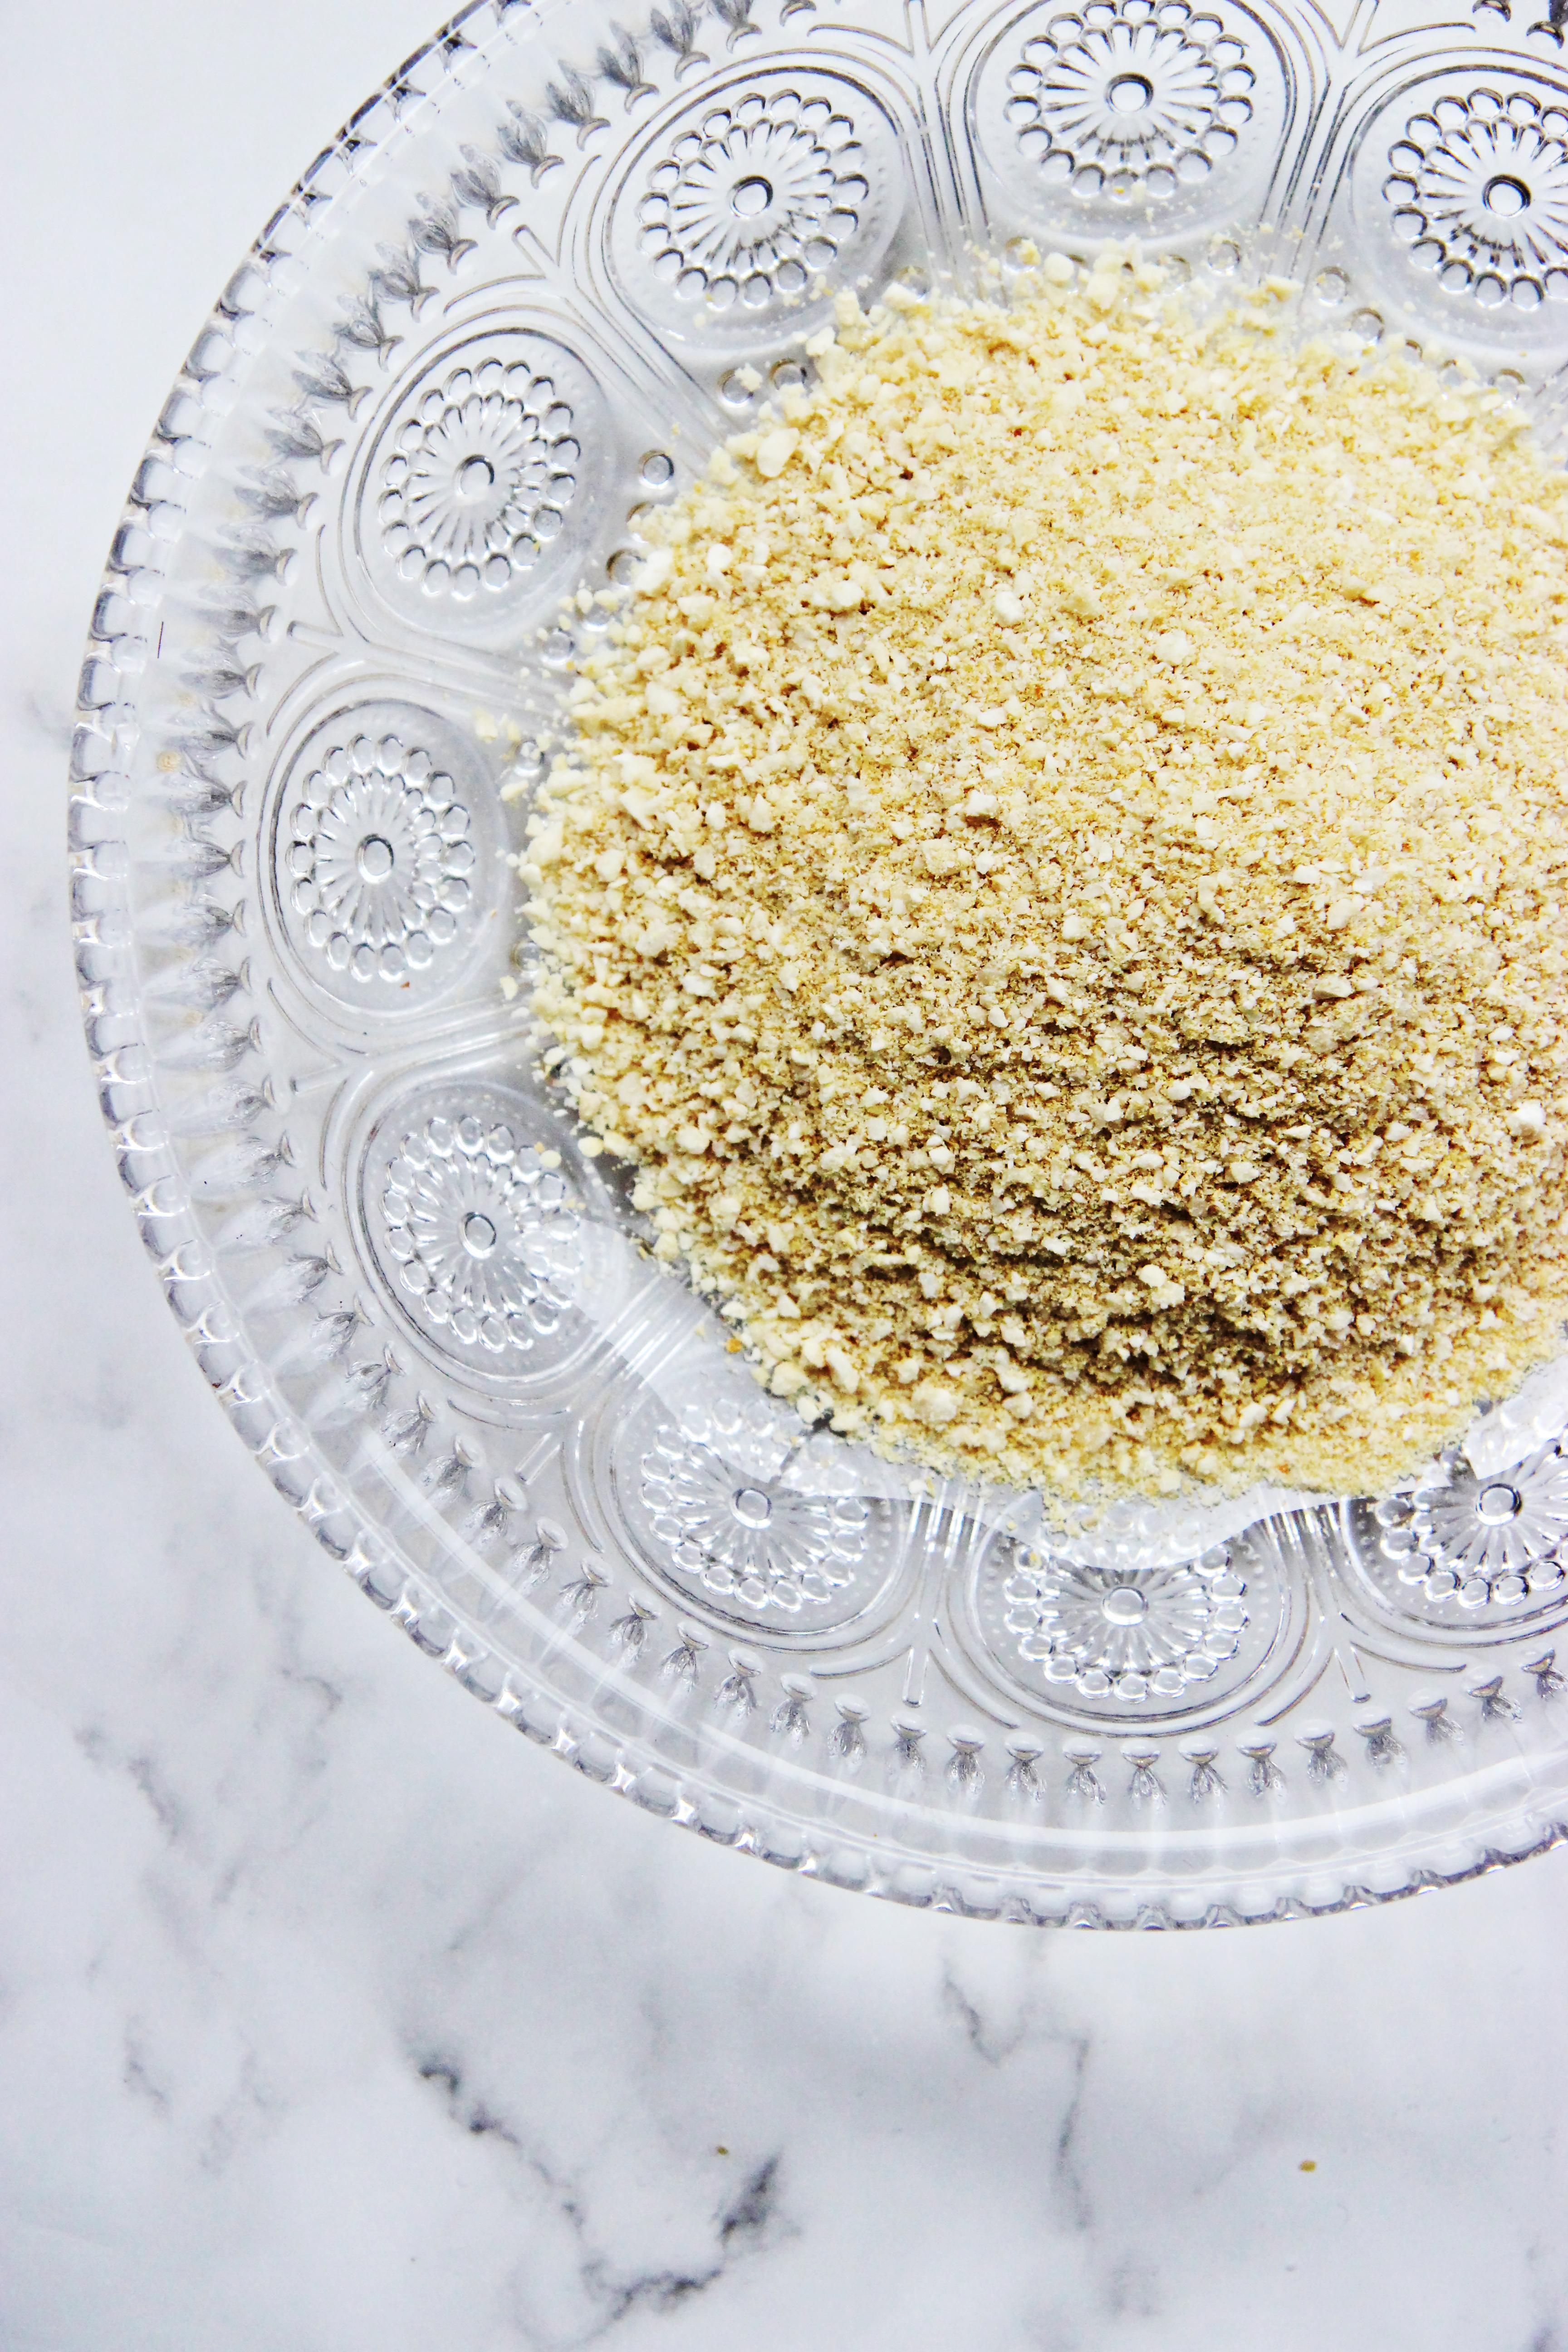 Parmesão Vegano / Vegan Parmesan